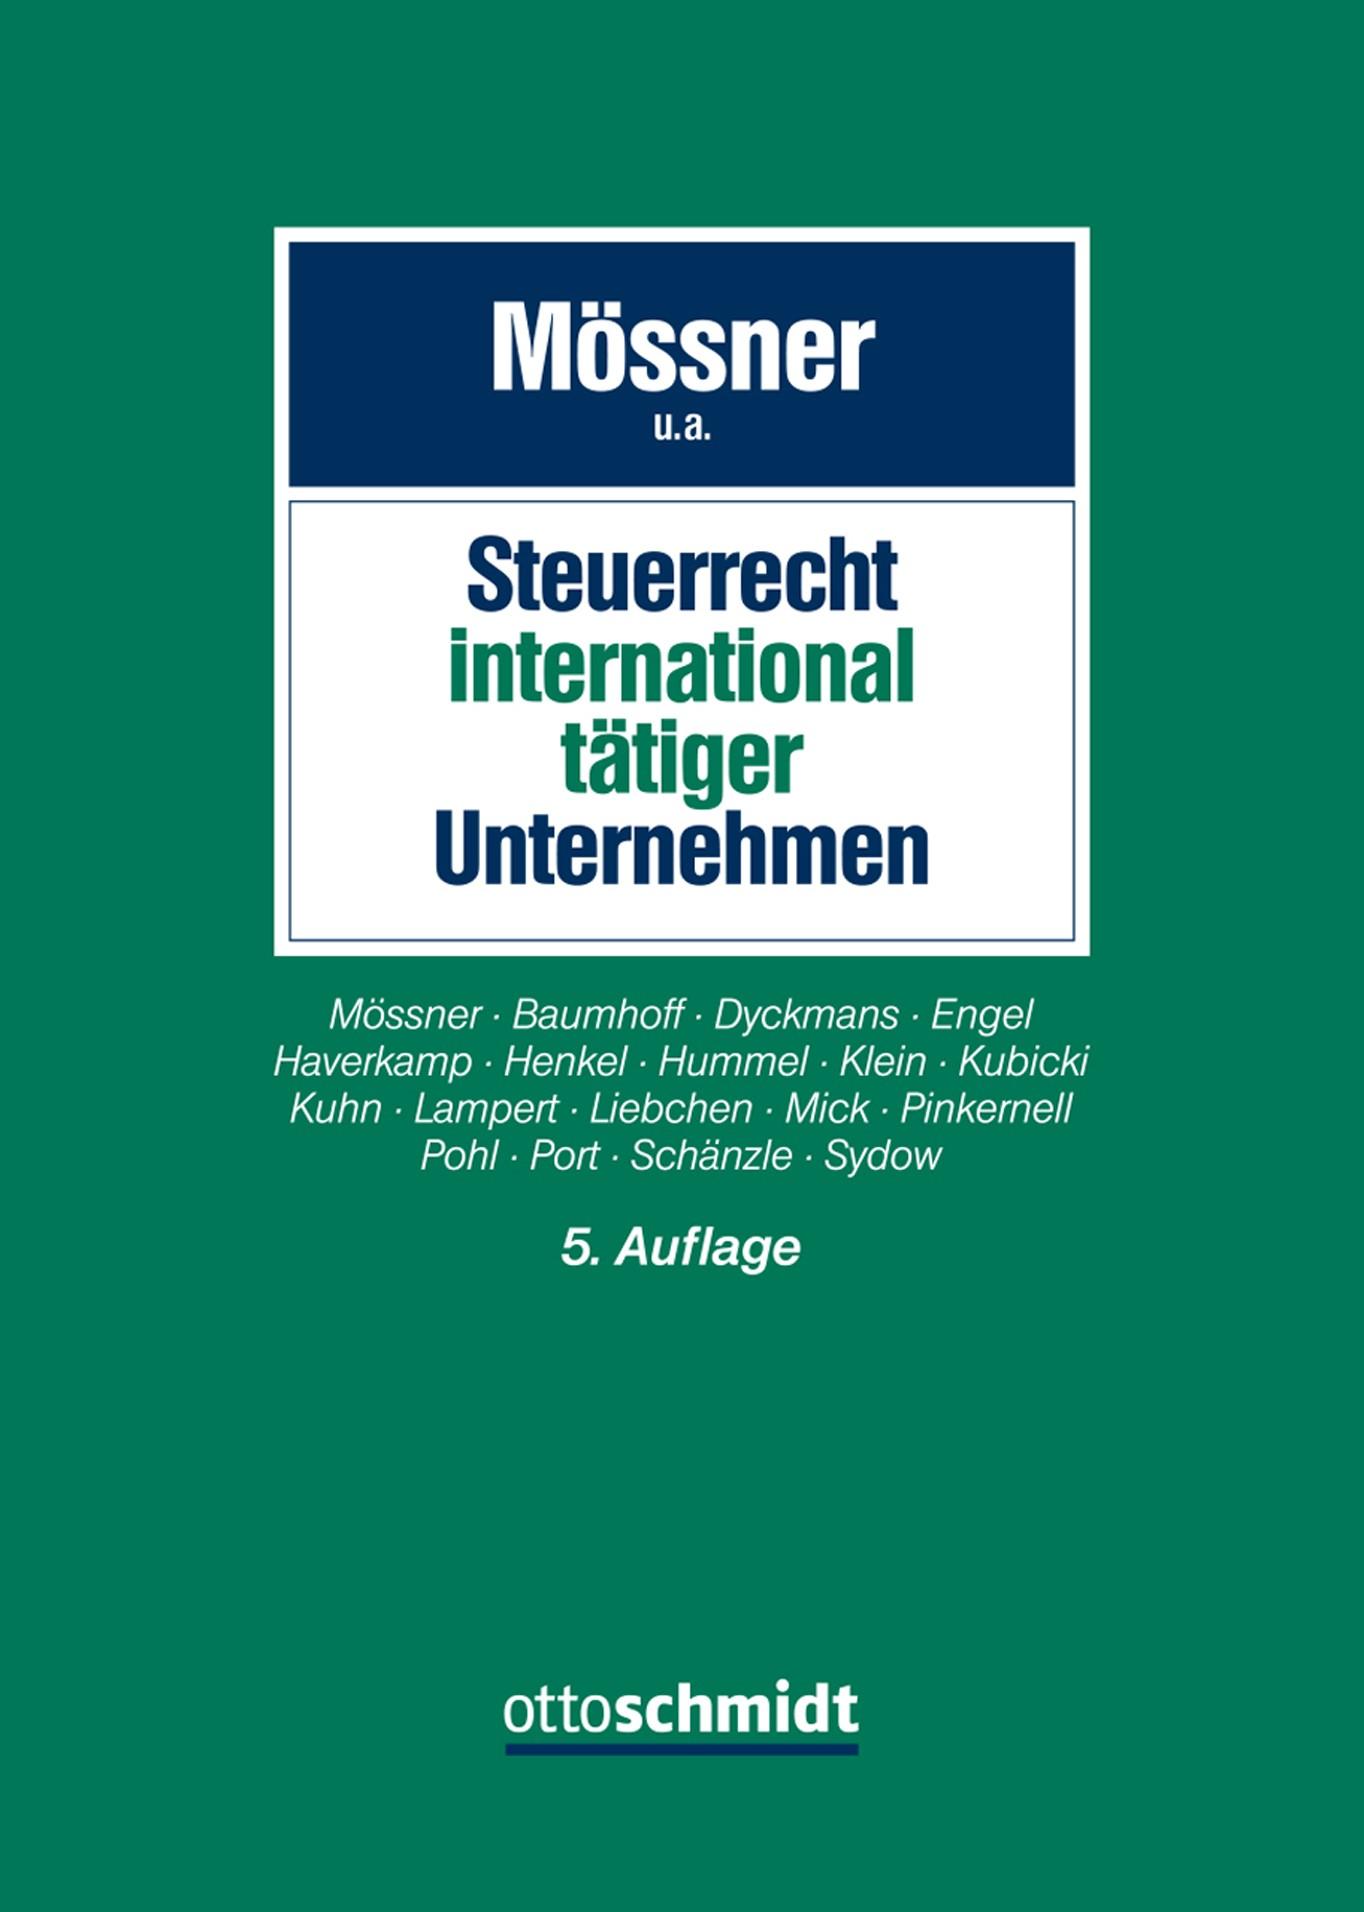 Steuerrecht international tätiger Unternehmen | Mössner u.a. | 5. Auflage, 2017 | Buch (Cover)